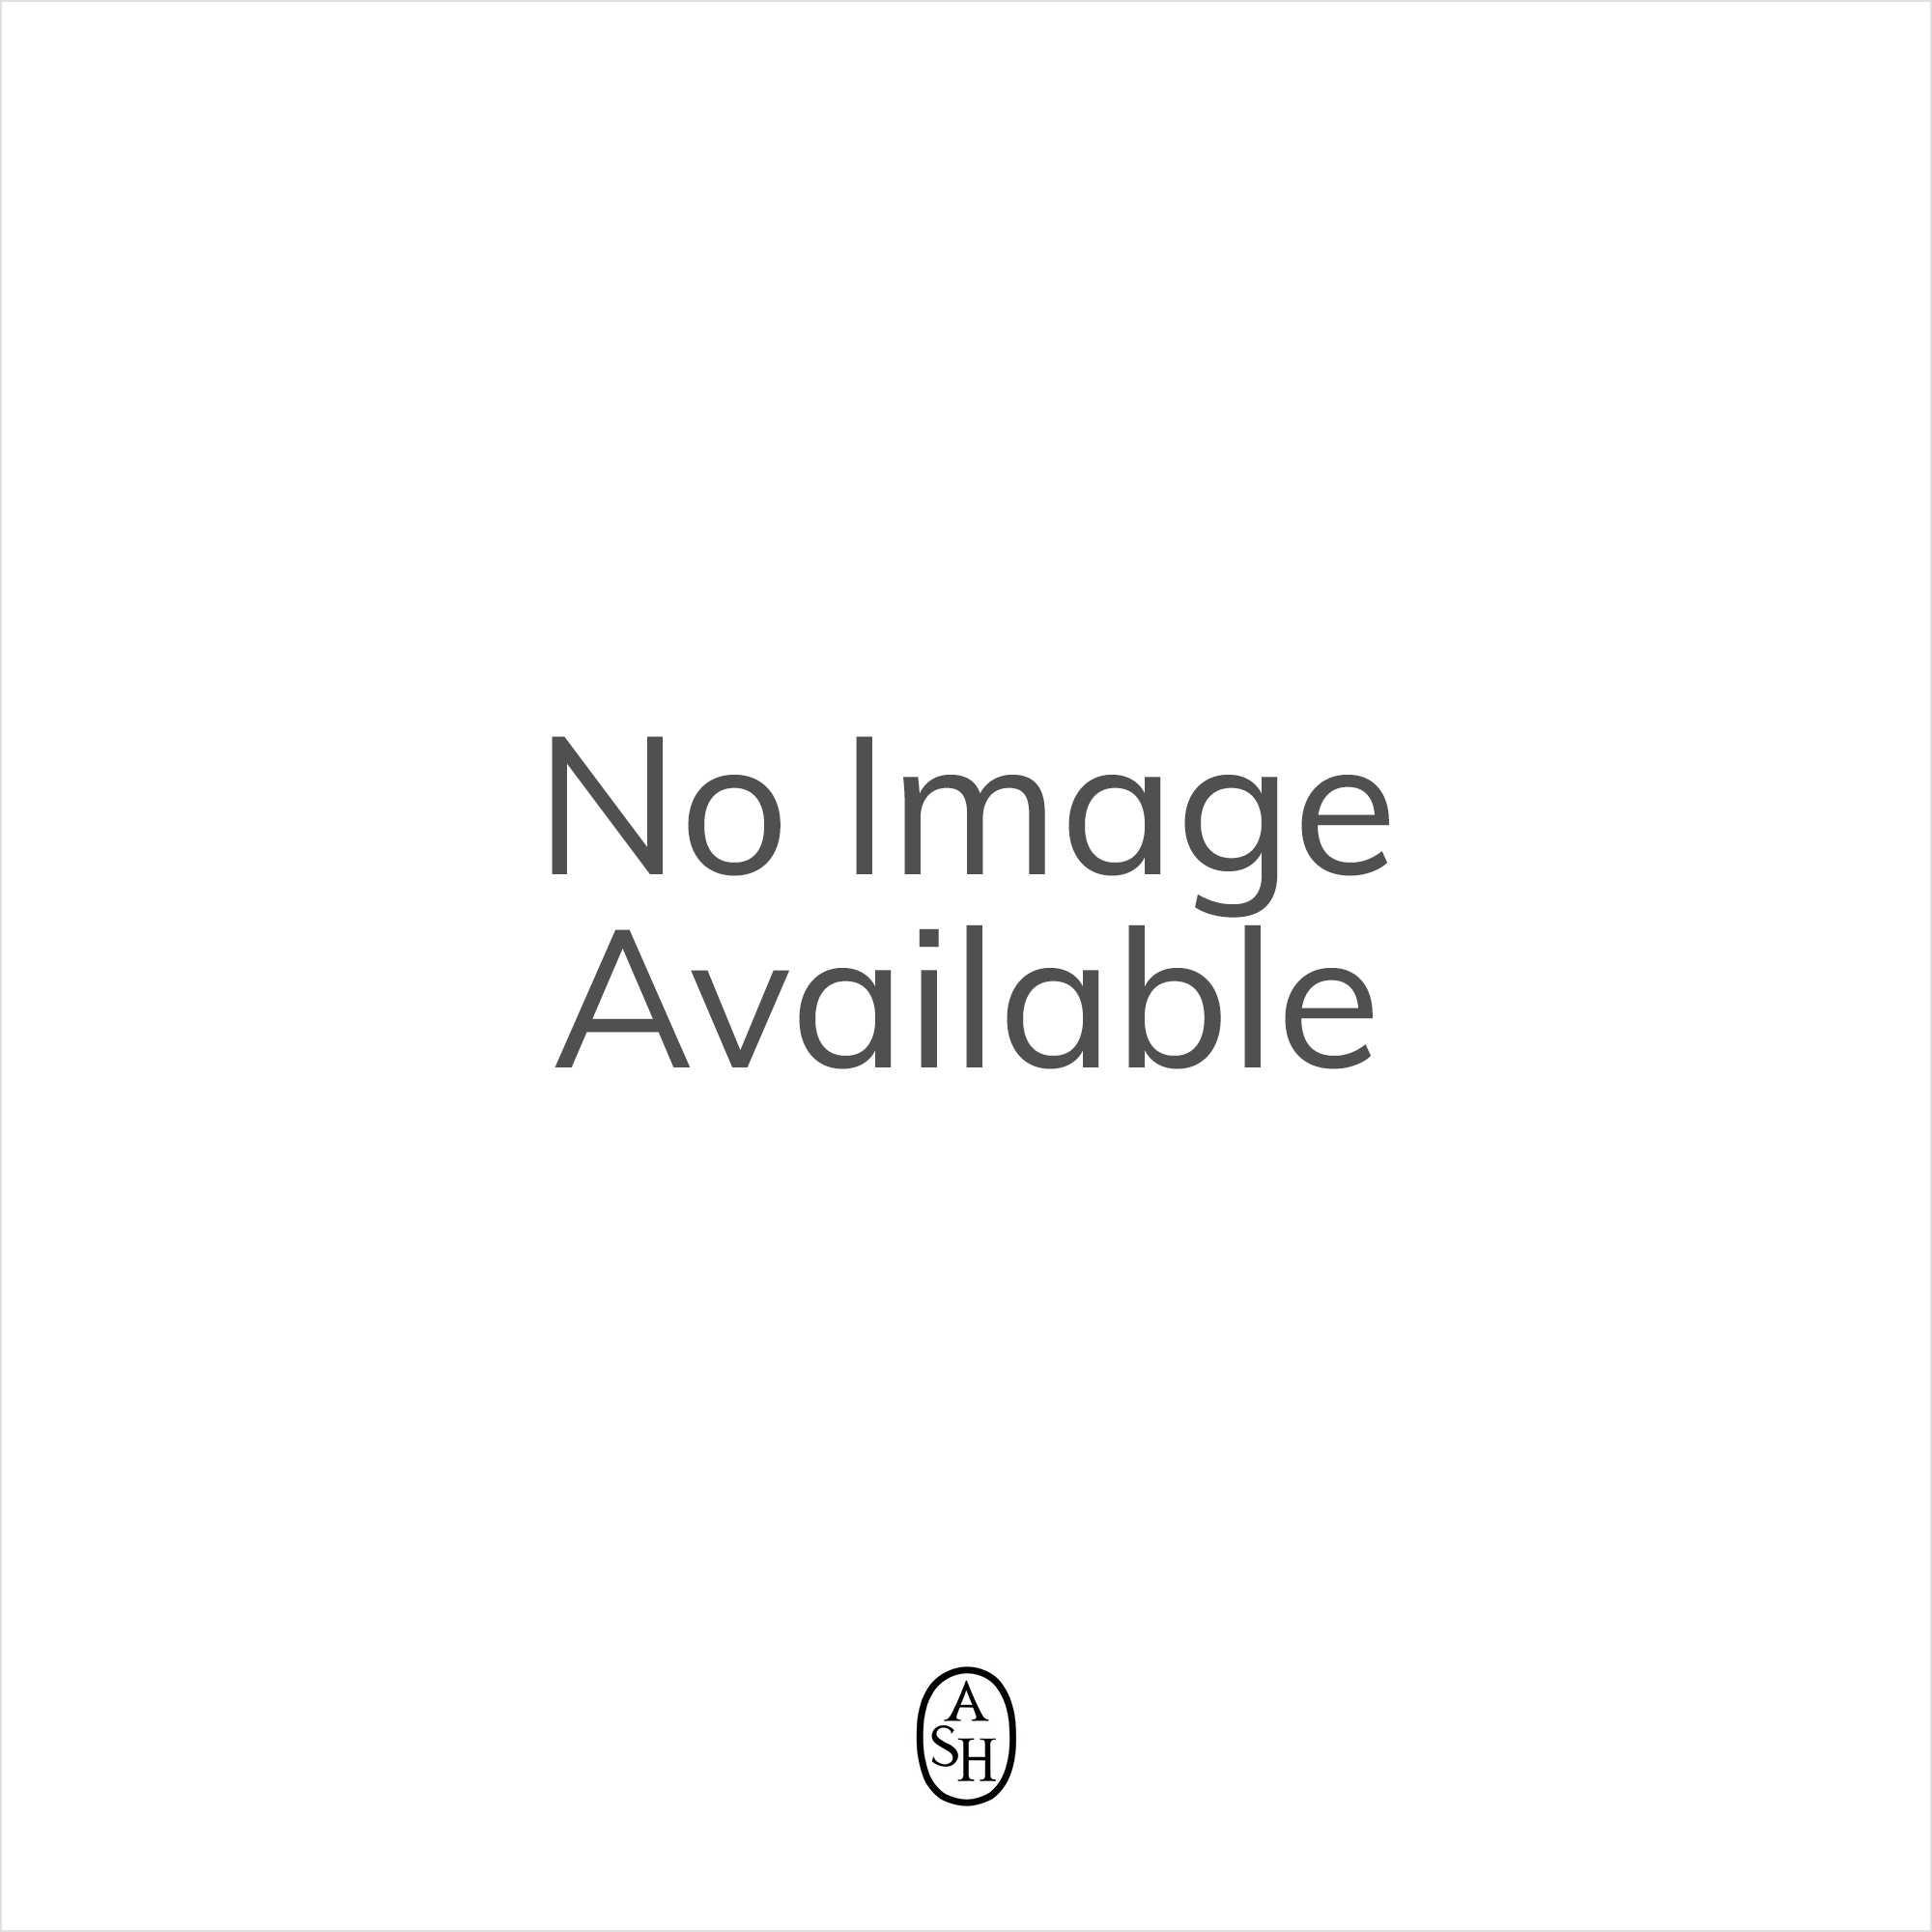 Ash Footwear Online | Shop Autumn Winter 19 | Buy Women Men